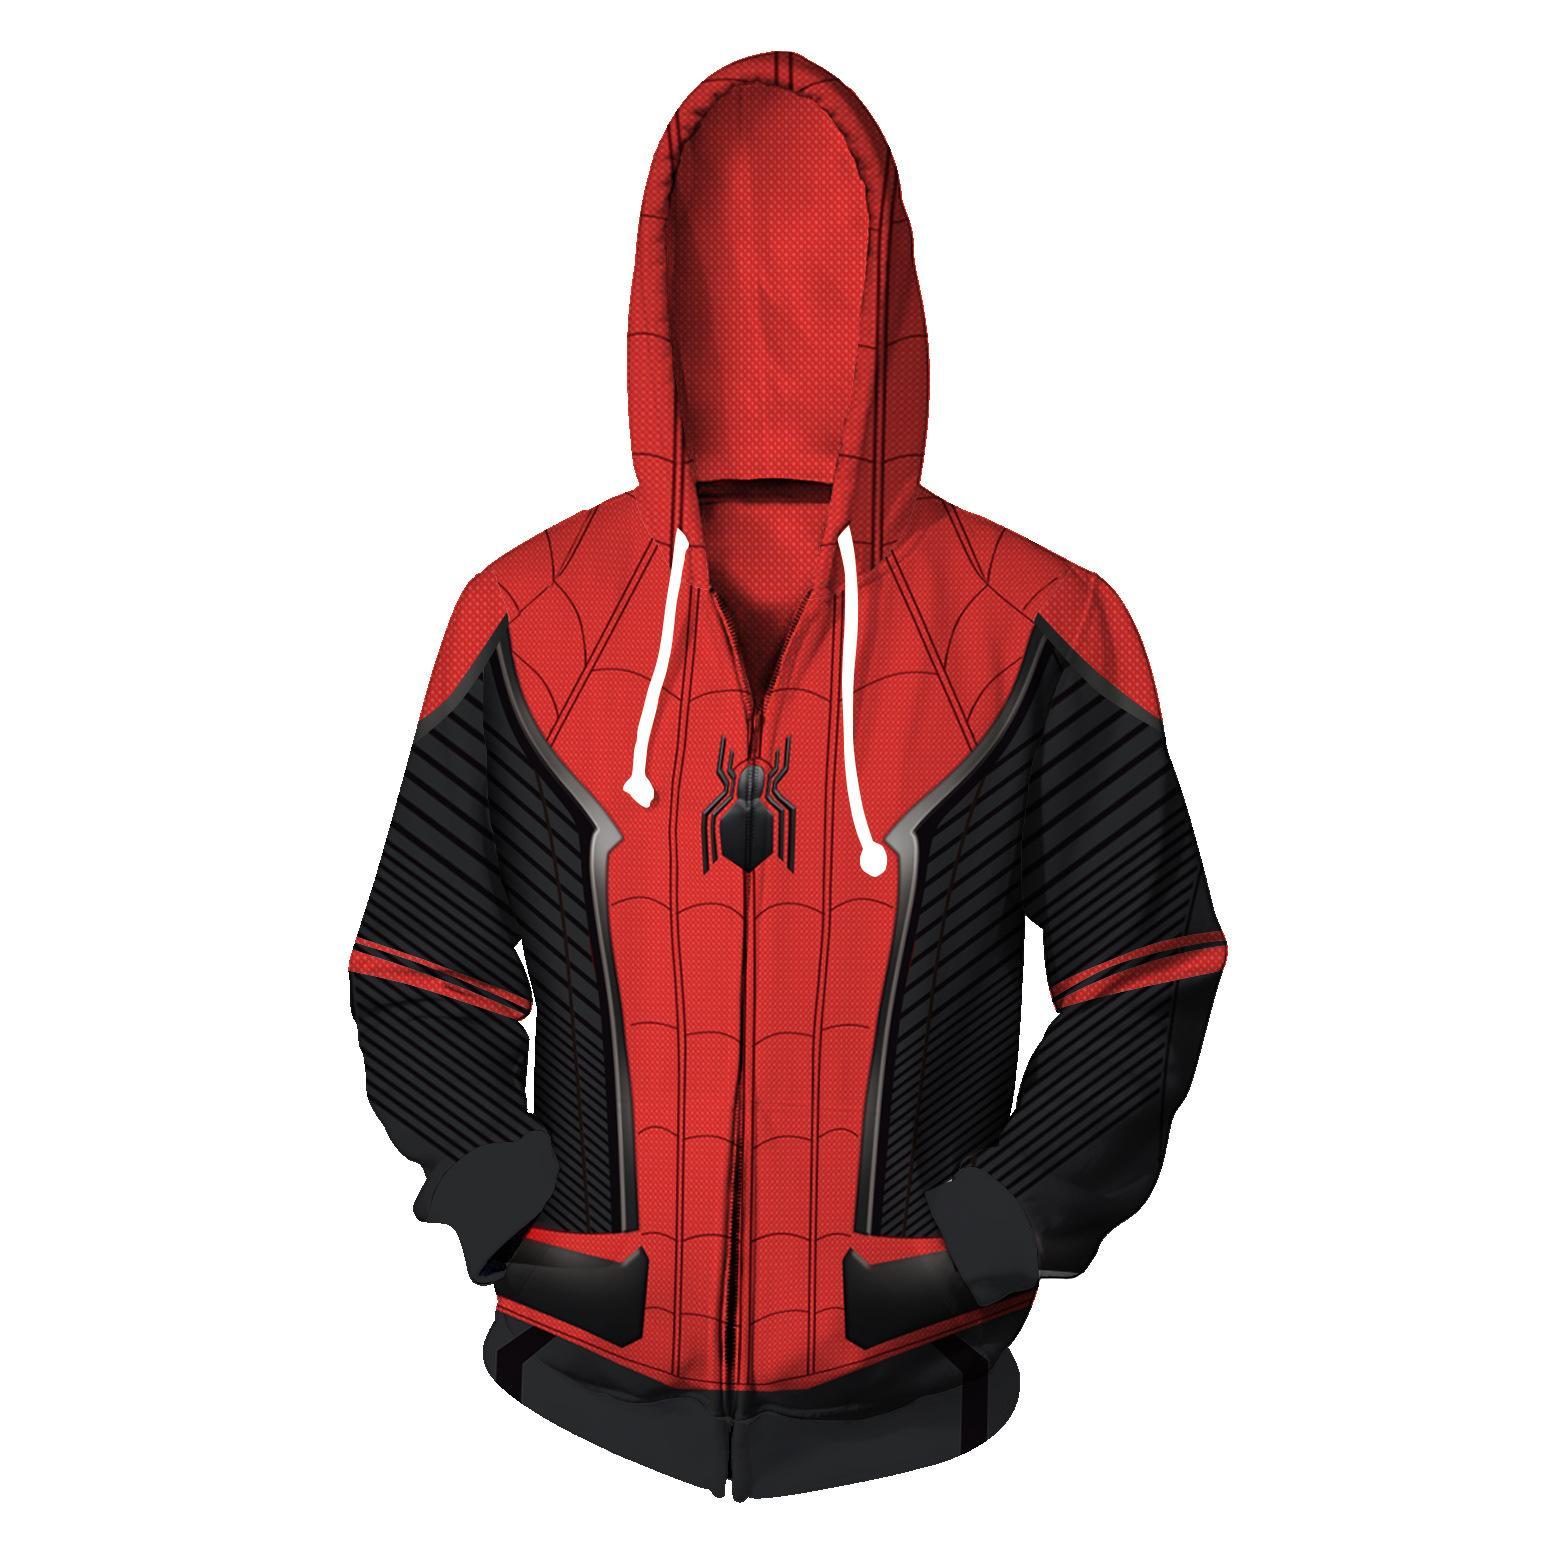 Compre Sudadera Con Capucha De Diseñador Blanca Para Hombre Sudadera  Sudadera Chaquetas Jersey Impresión 3D Digital Spider Man Cardigan Sweater  Sweater A ... ec3069ce2b35f